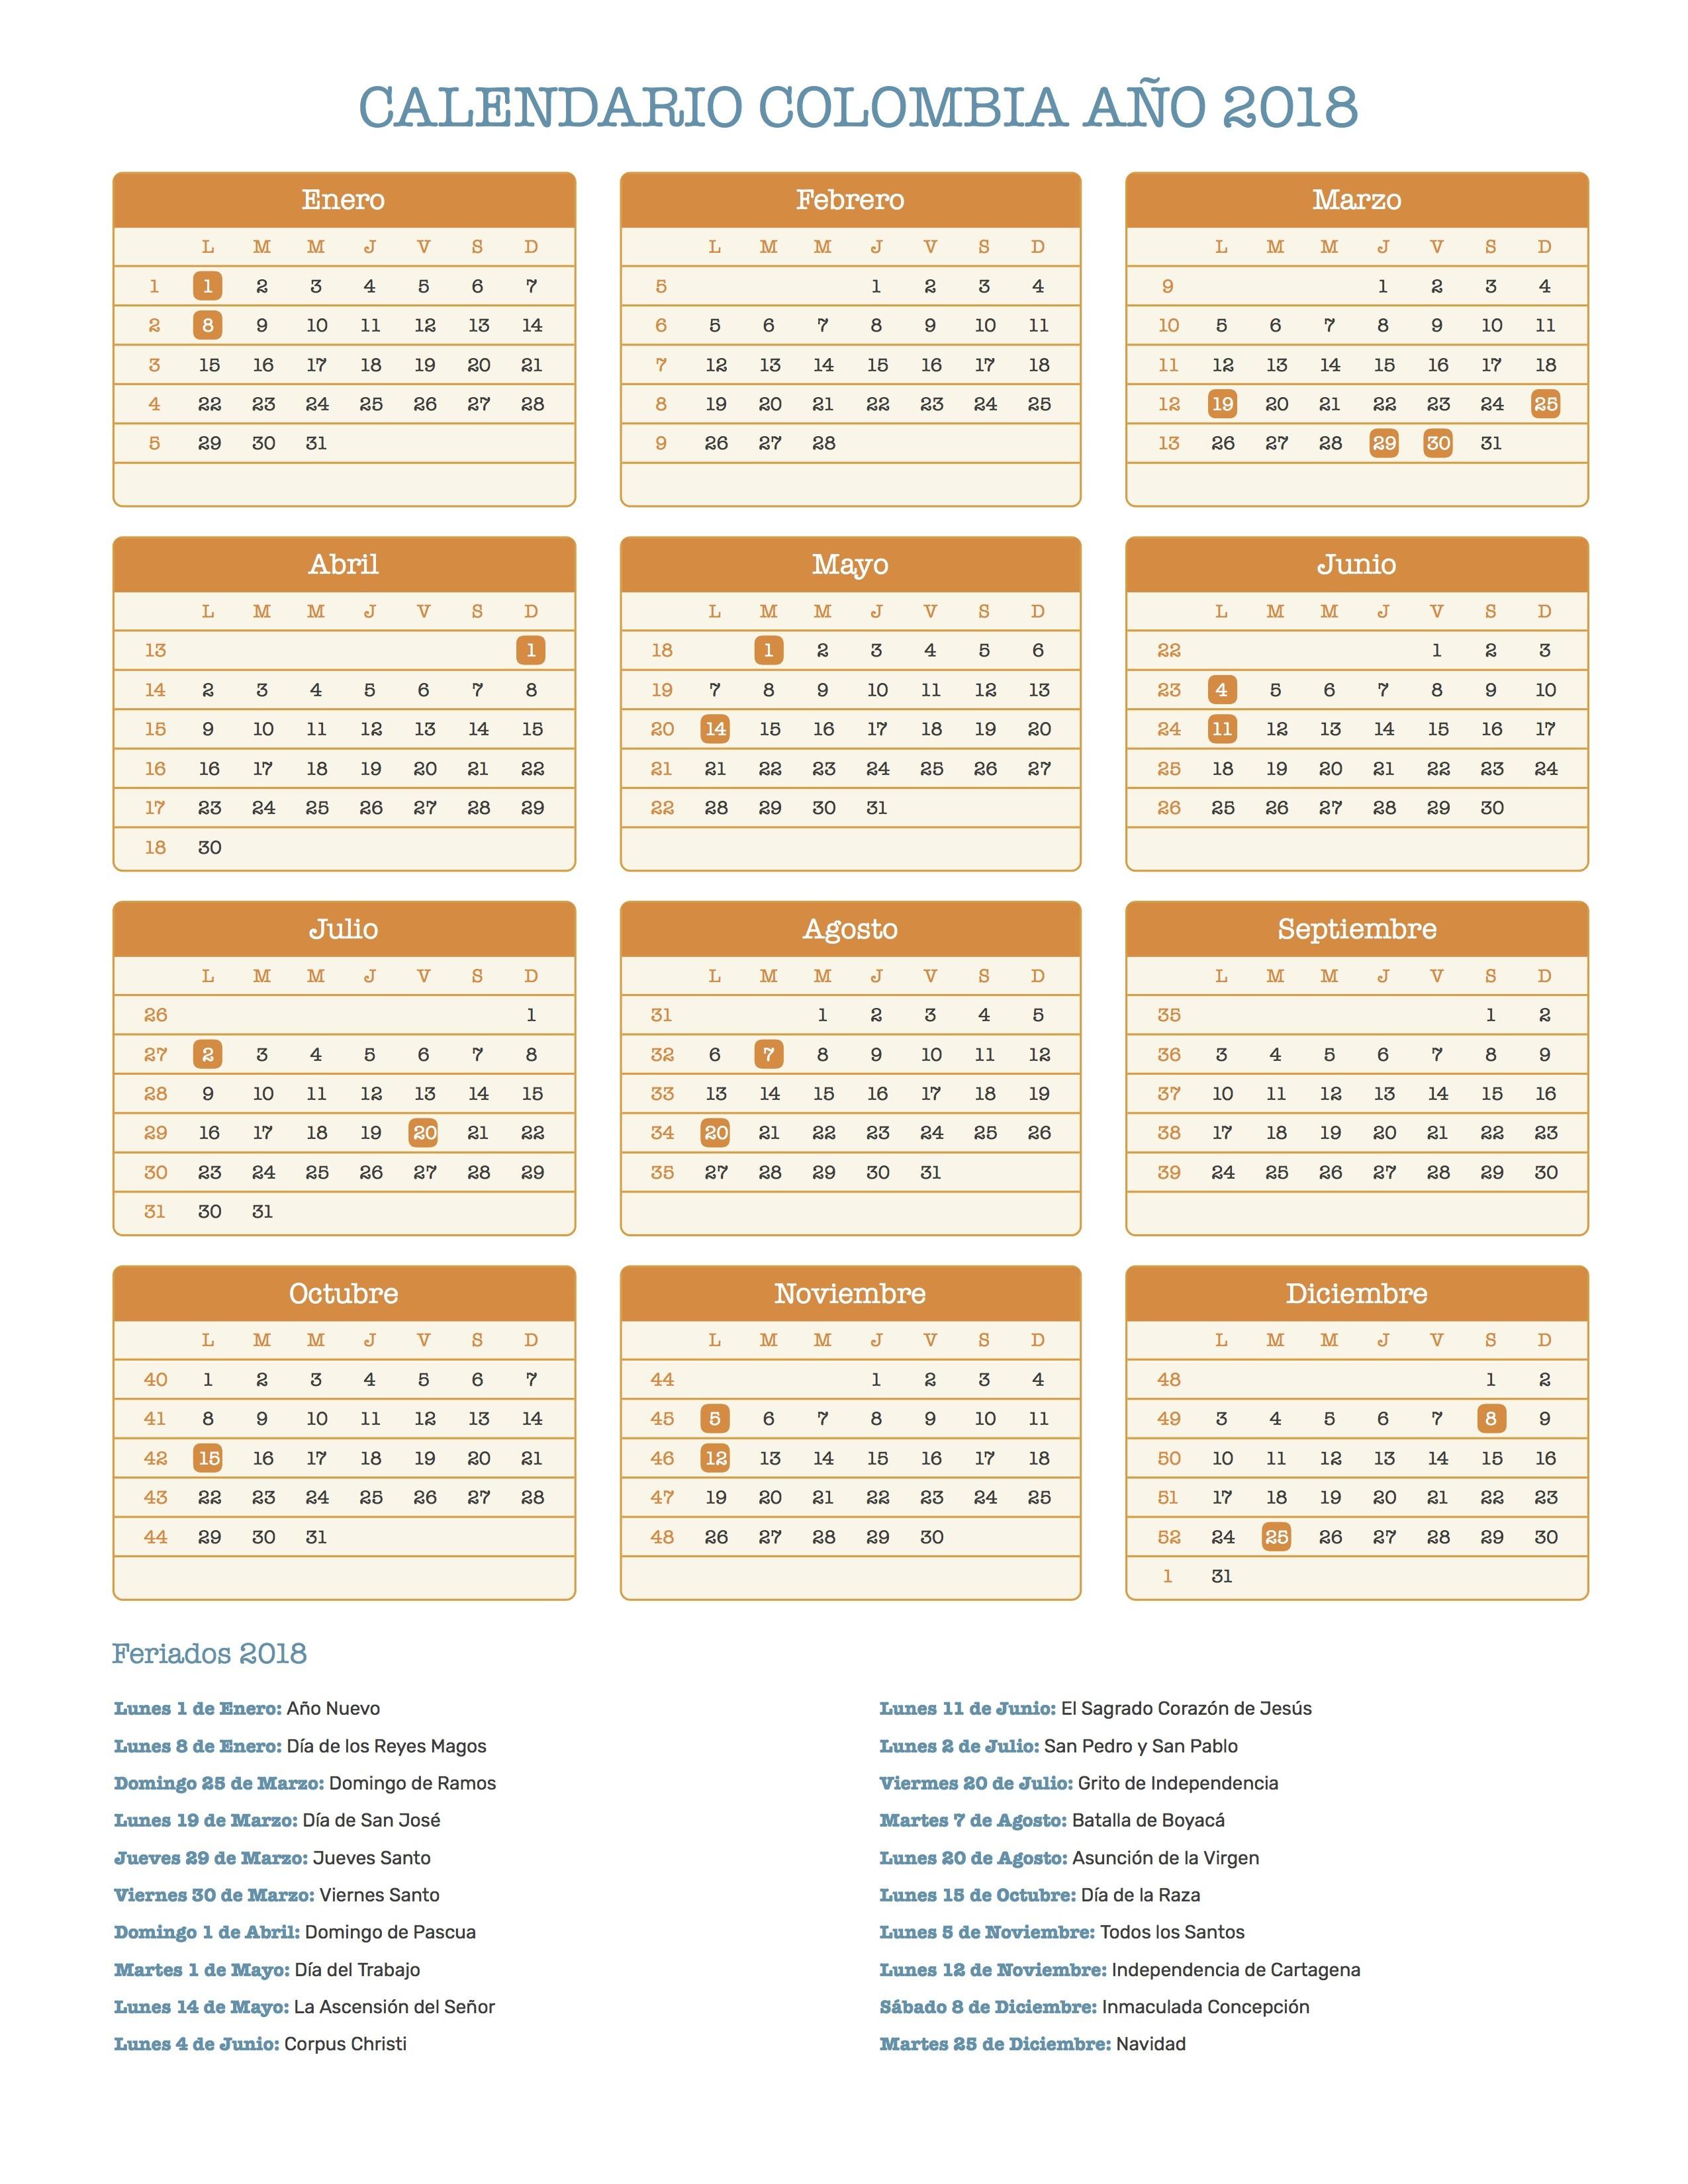 Calendario E Feriados Em 2019 Más Arriba-a-fecha Calendario Octubre 2018 Colombia T Of Calendario E Feriados Em 2019 Más Recientes 87 2006 Printable Calender Ethiopian Calendar 2018 orthodox 2016